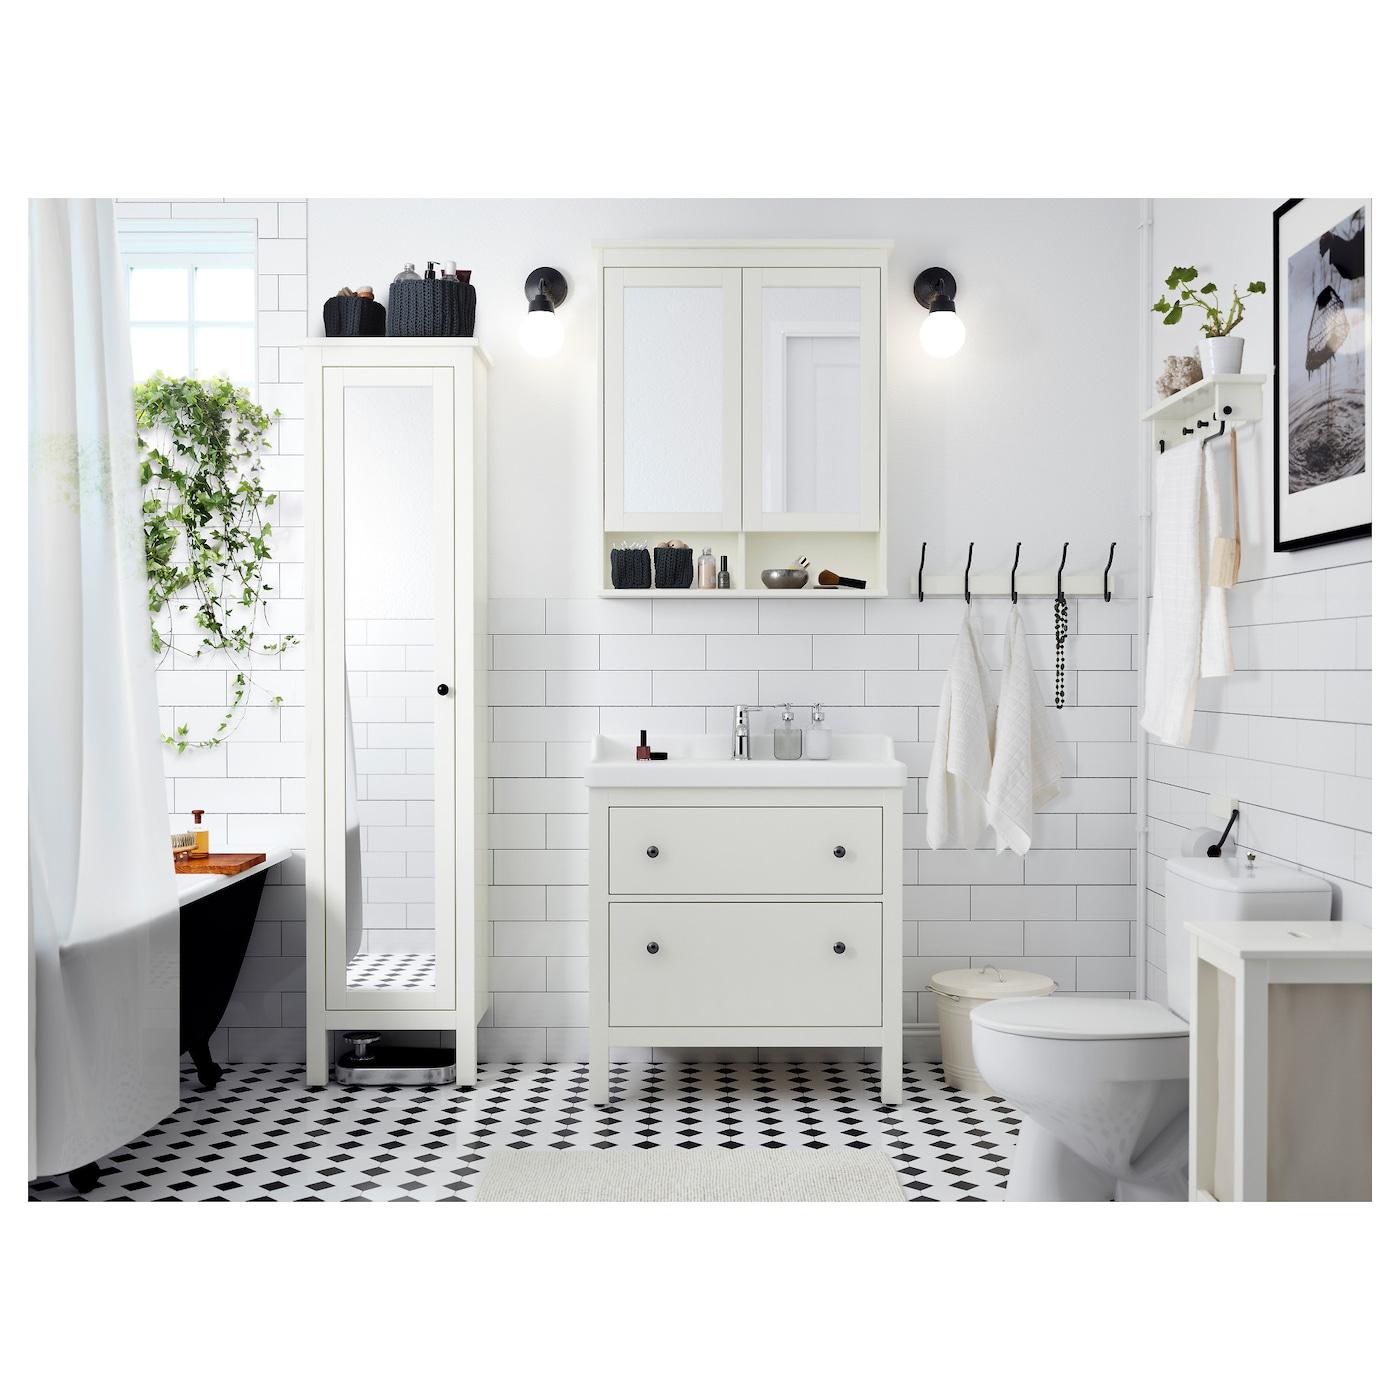 HEMNES Spiegelschrank 10 Türen - weiß 10x10x10 cm